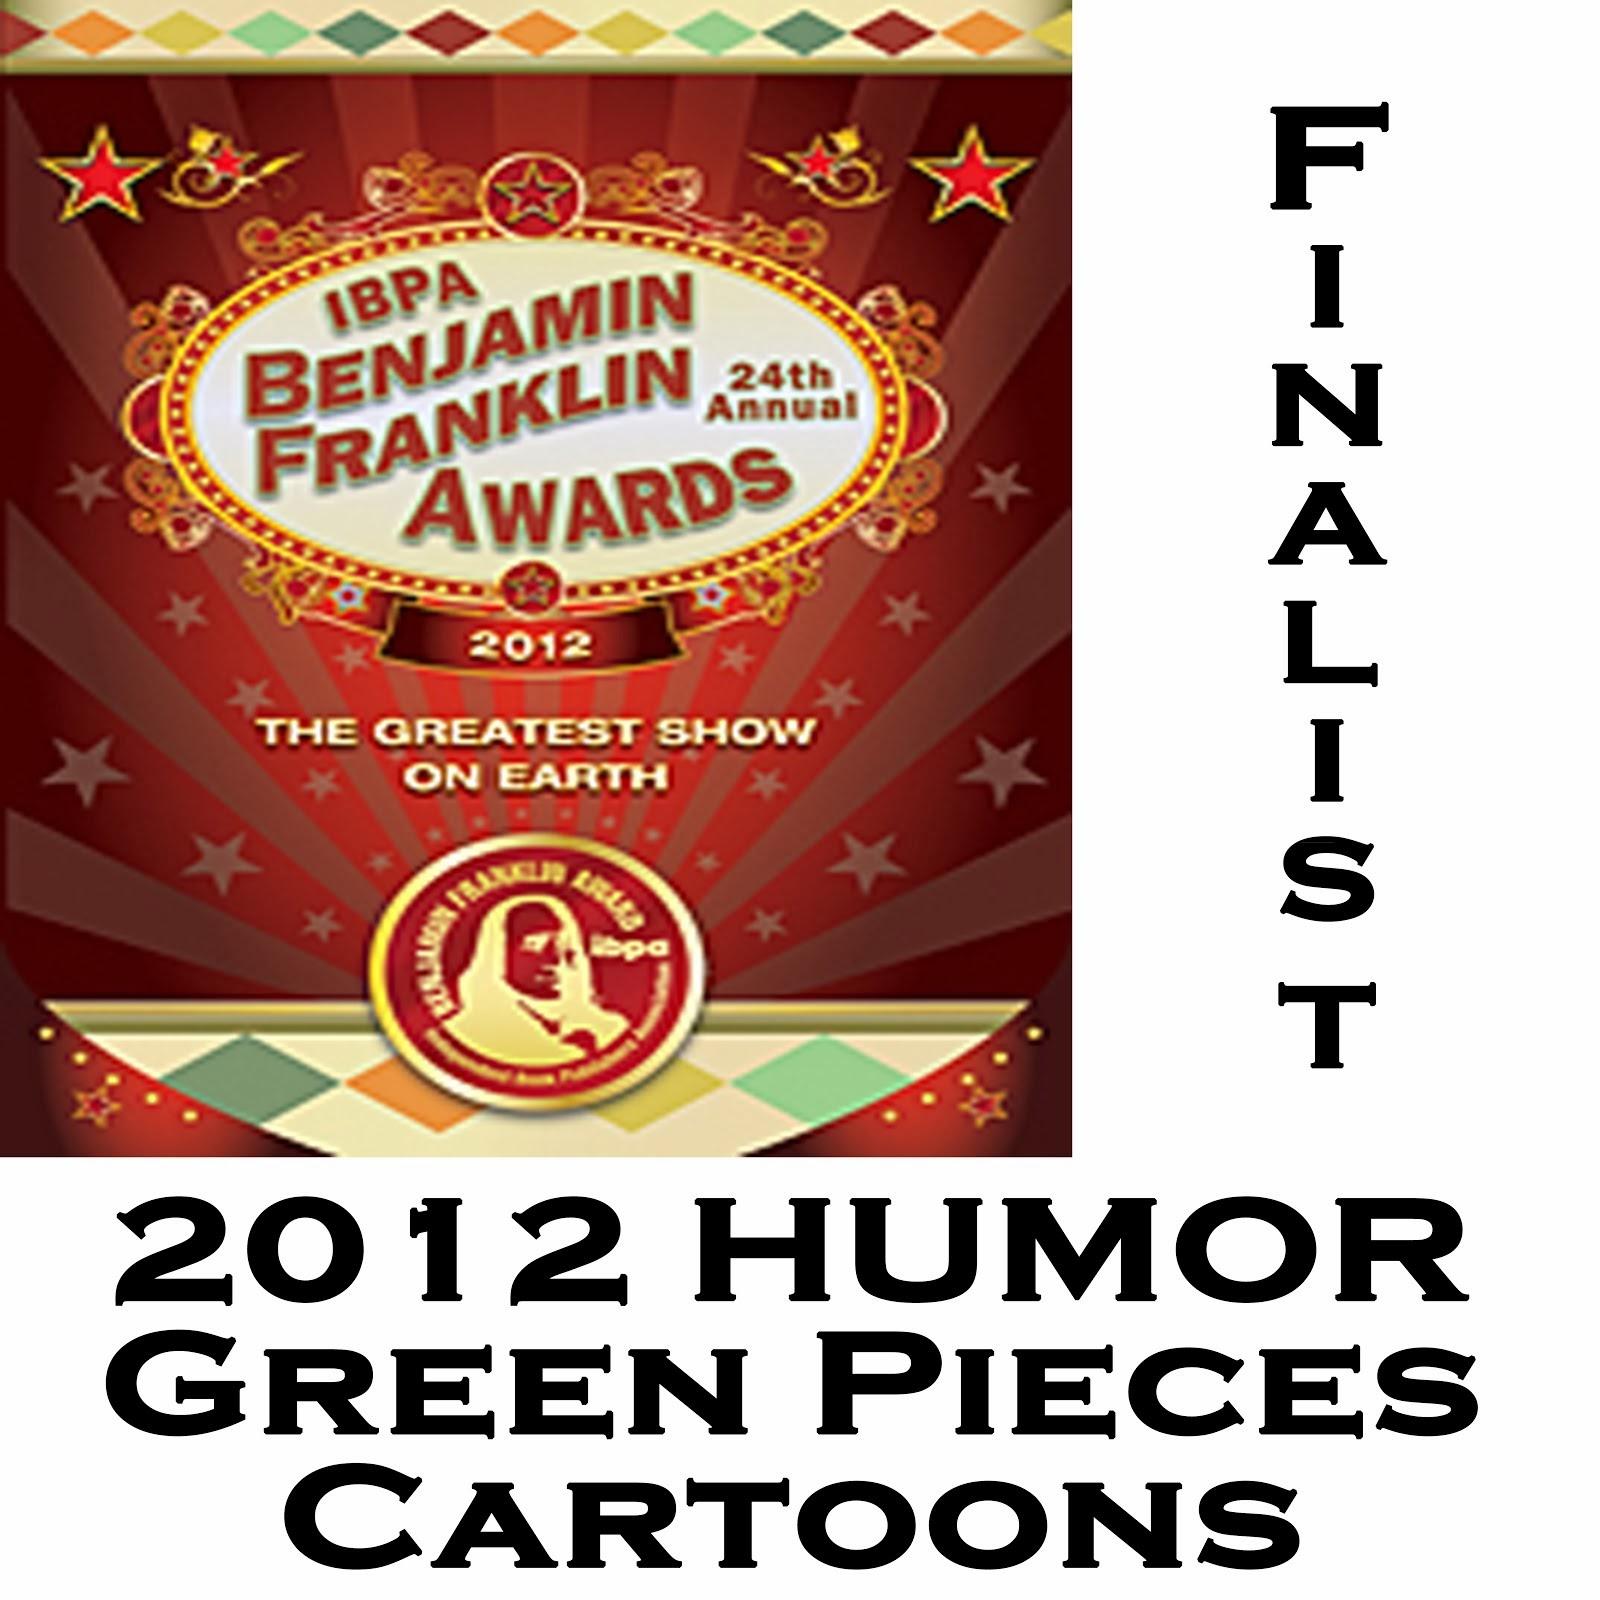 Benjamin Franklin Awards